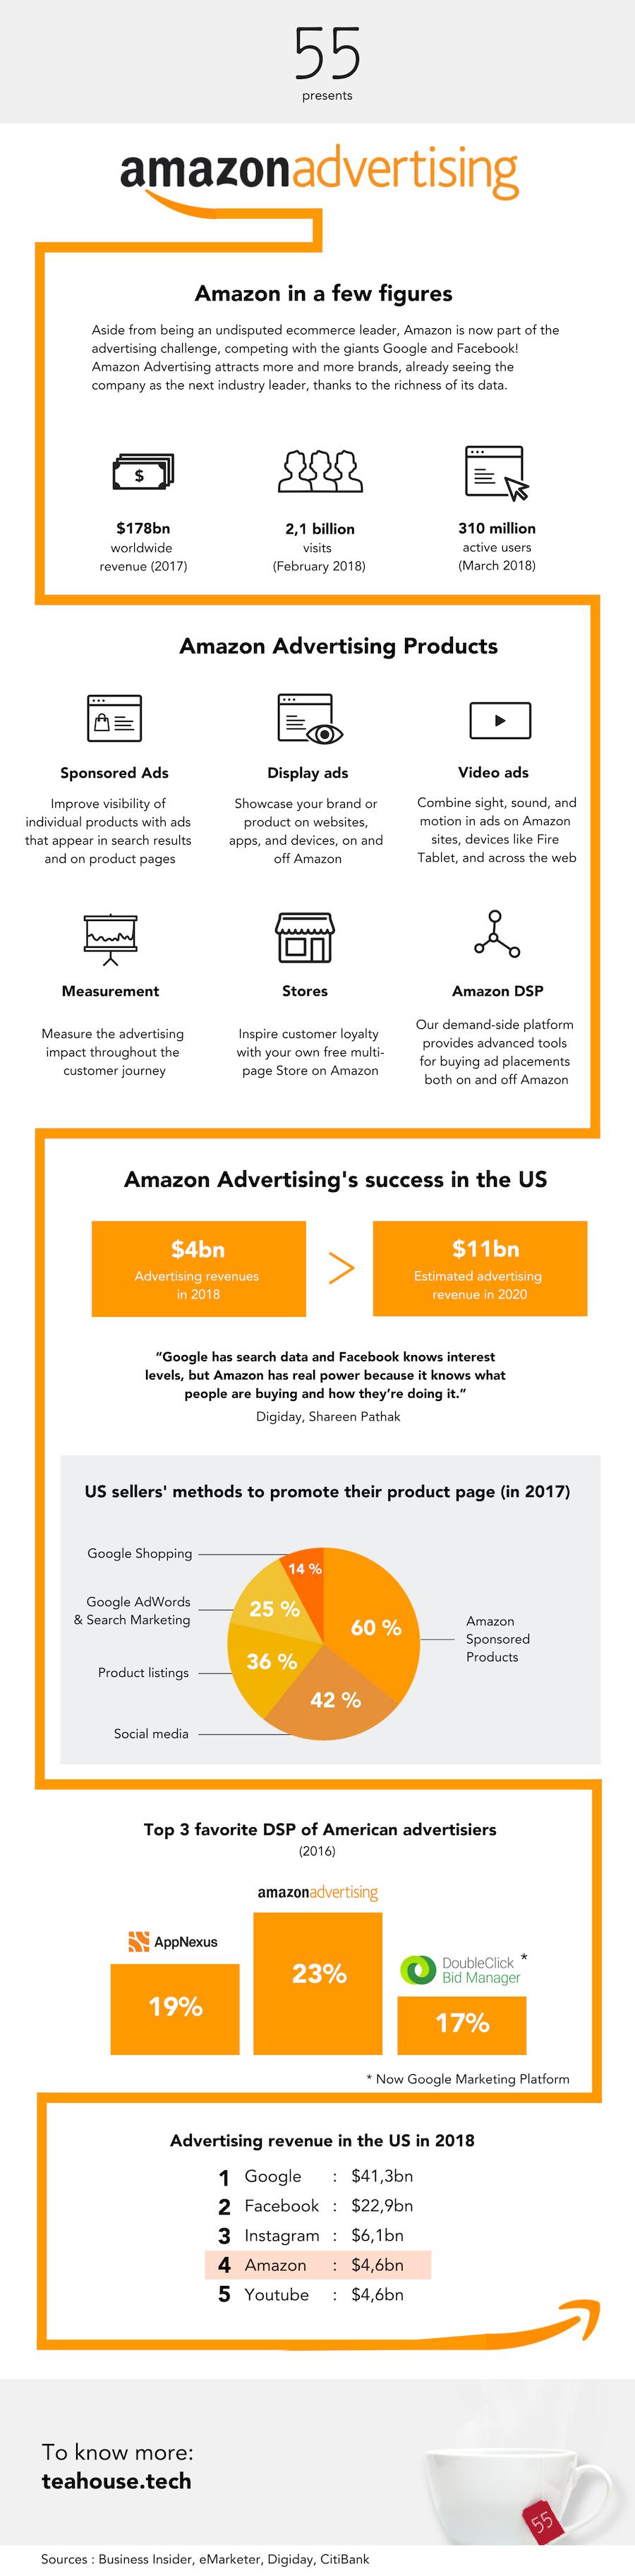 amazon-advertising-infographic